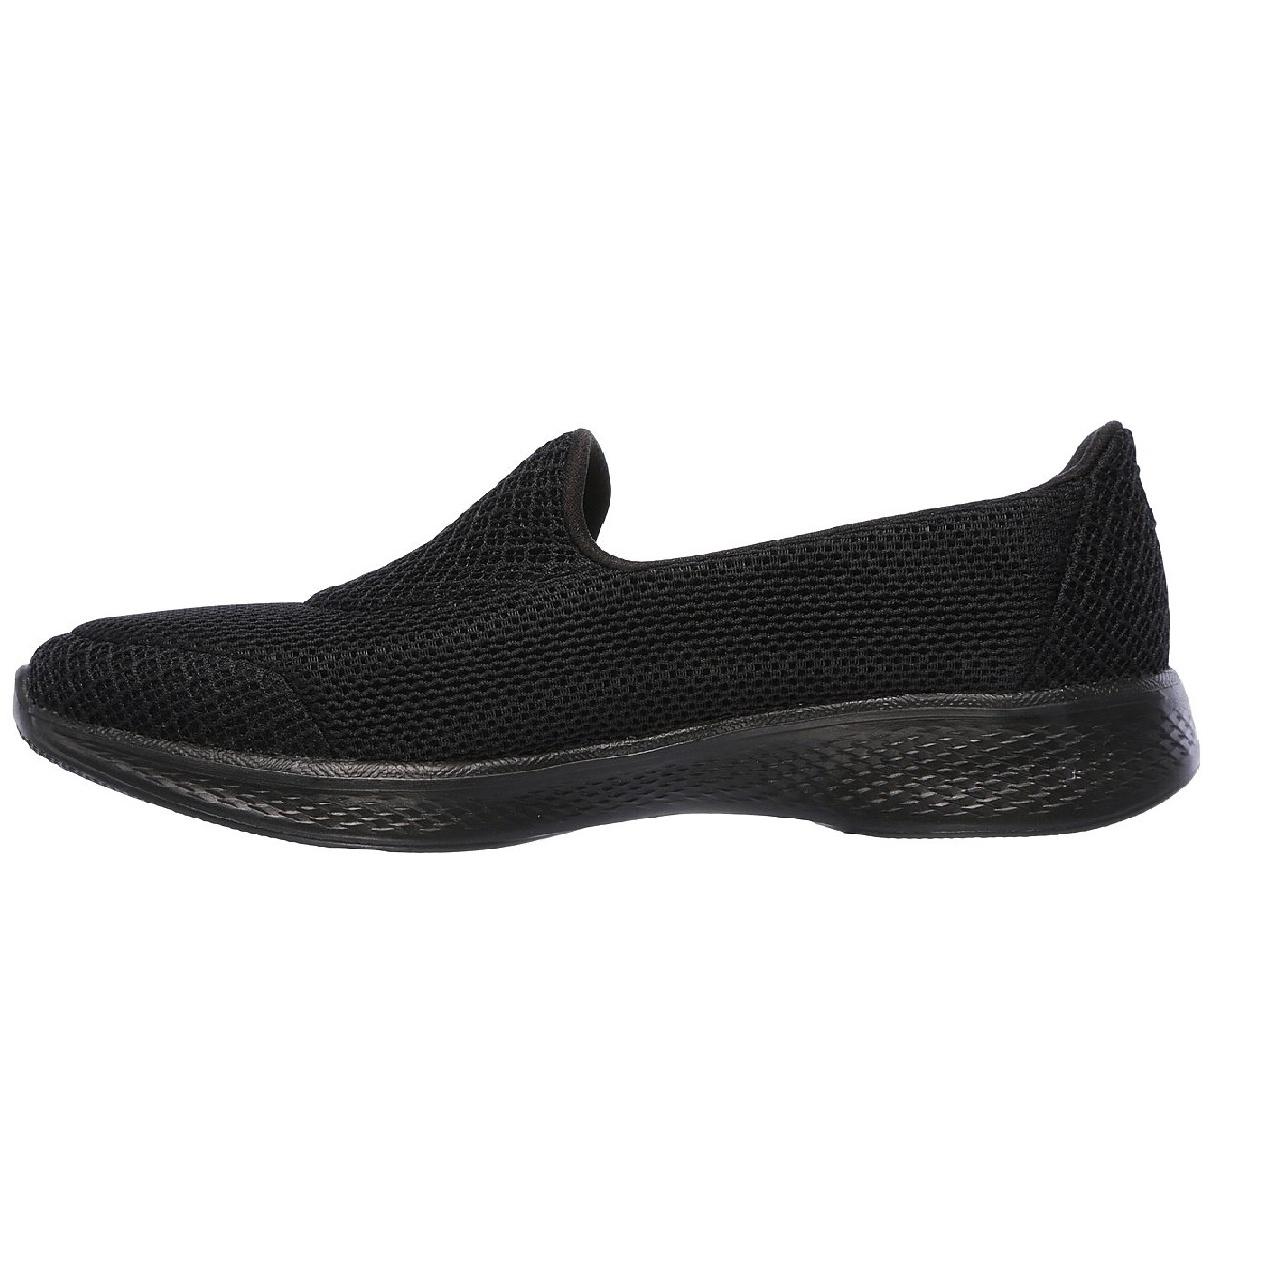 کفش مخصوص پیاده روی نه اسکچرز مدل 14170BBK GOWALK